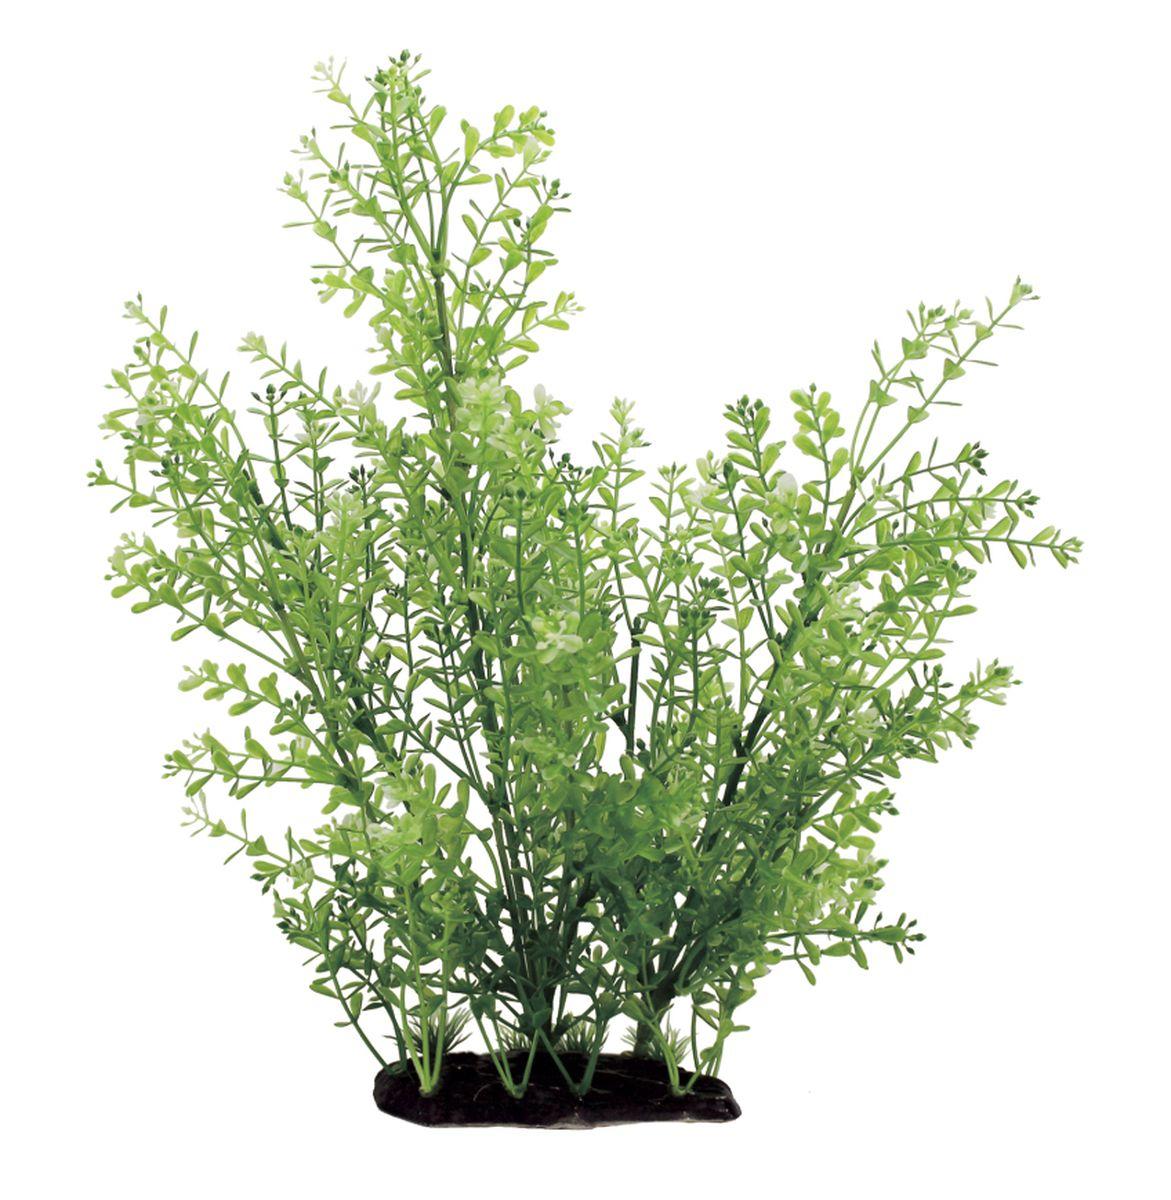 Растение для аквариума ArtUniq Ротала, высота 35 см. ART-1130103ART-1130103Композиция из искусственных растений ArtUniq превосходно украсит и оживит аквариум.Растения - это важная часть любой композиции, они помогут вдохнуть жизнь в ландшафт любого аквариума или террариума. А их сходствос природными порадует даже самых взыскательных ценителей.